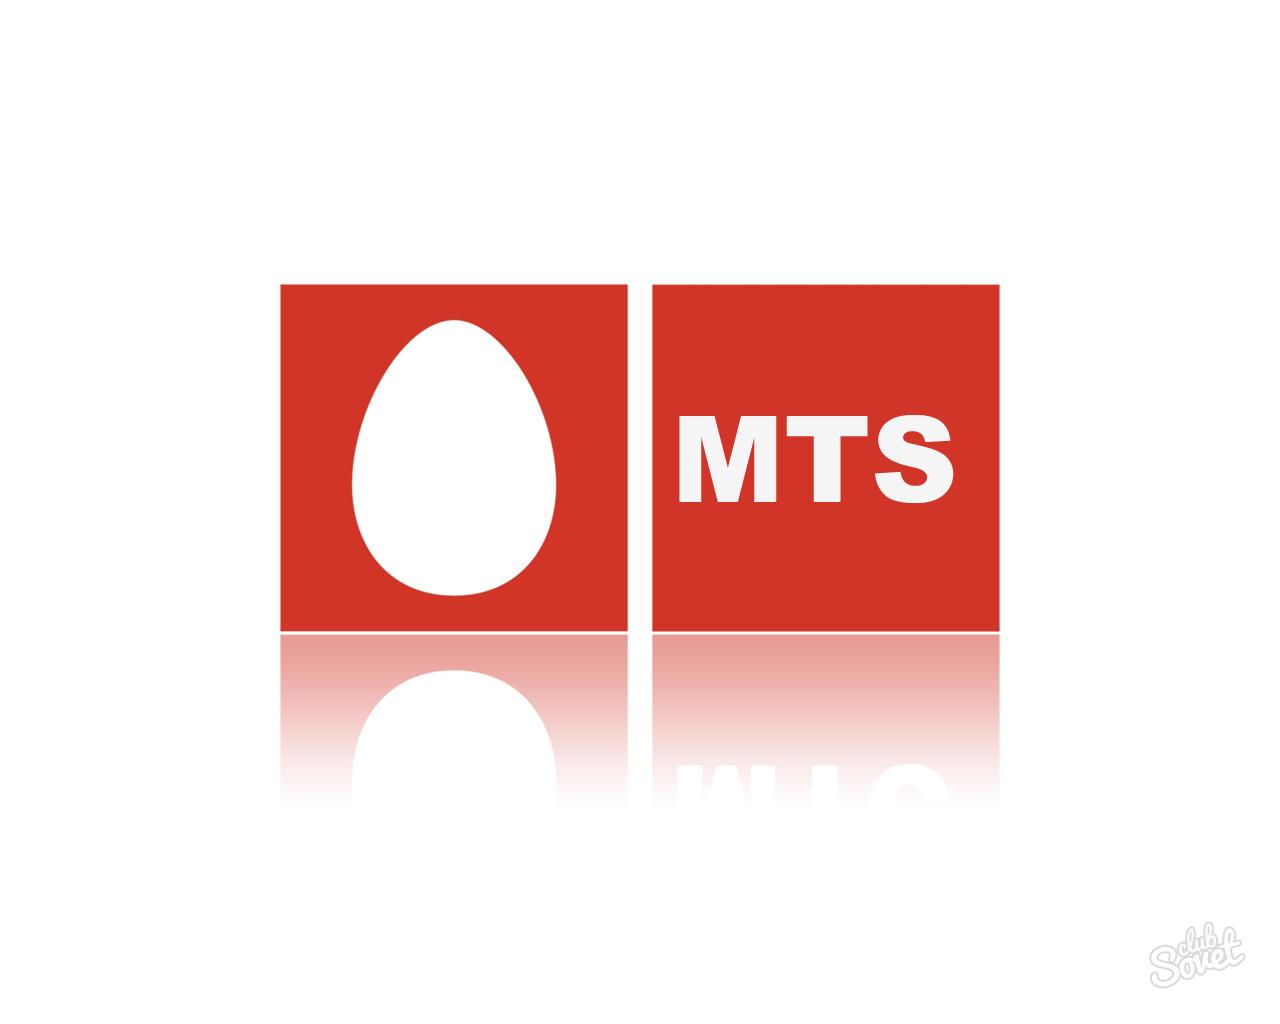 Логотипы операторов сотовой связи в картинках